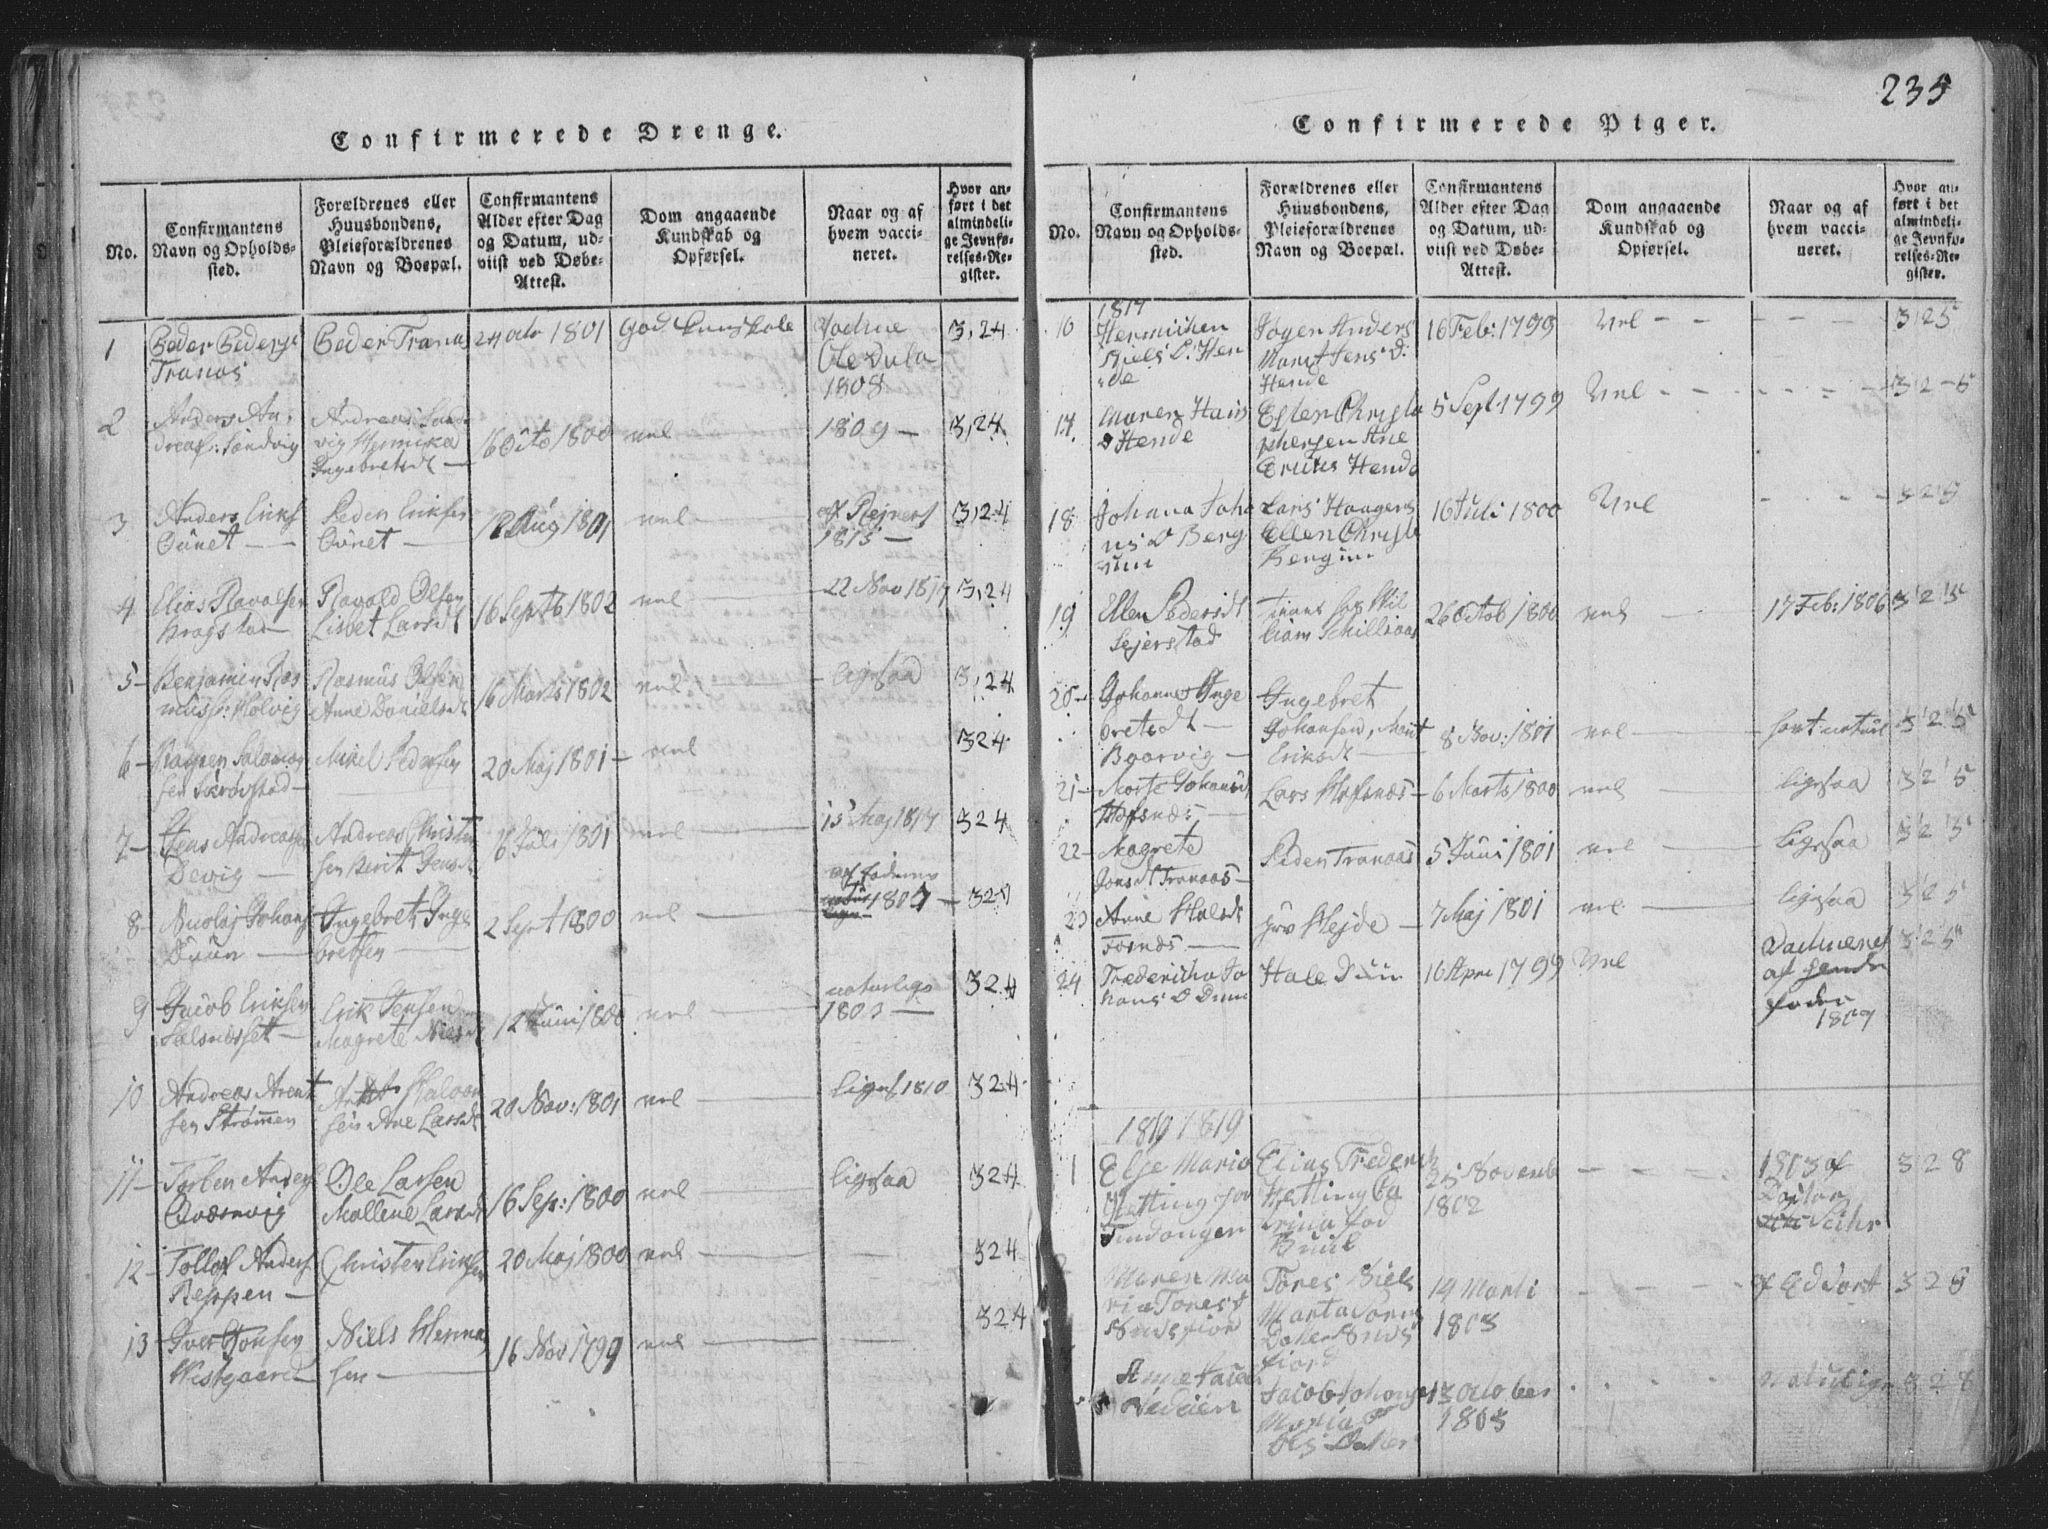 SAT, Ministerialprotokoller, klokkerbøker og fødselsregistre - Nord-Trøndelag, 773/L0613: Ministerialbok nr. 773A04, 1815-1845, s. 235